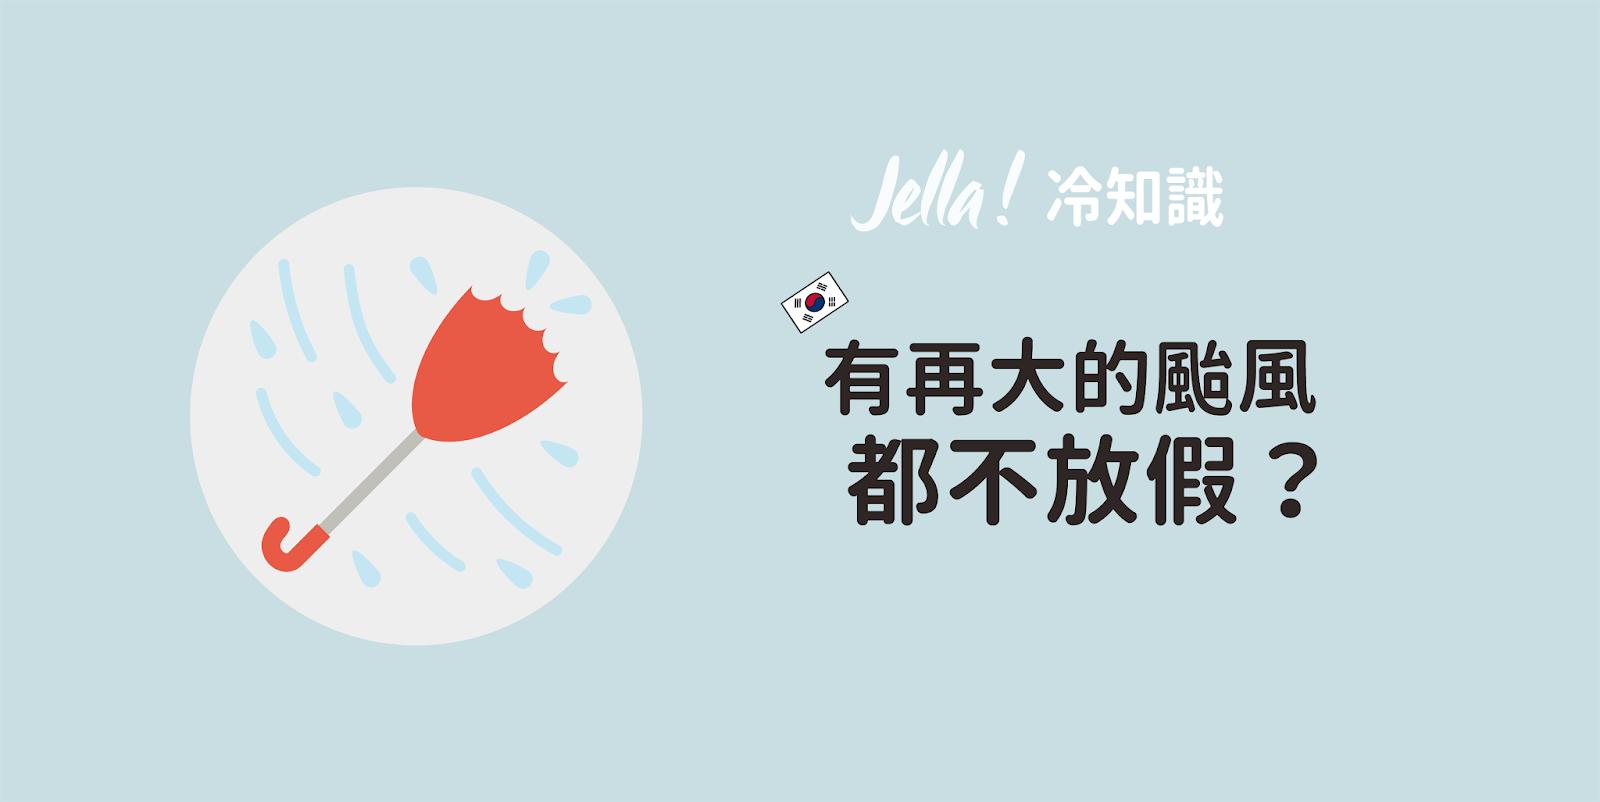 韓國的颱風(태풍)沒有台灣那麼多,而且颱風到韓國時風雨也減弱了,因此很少會為此停班、停課,放颱風假。